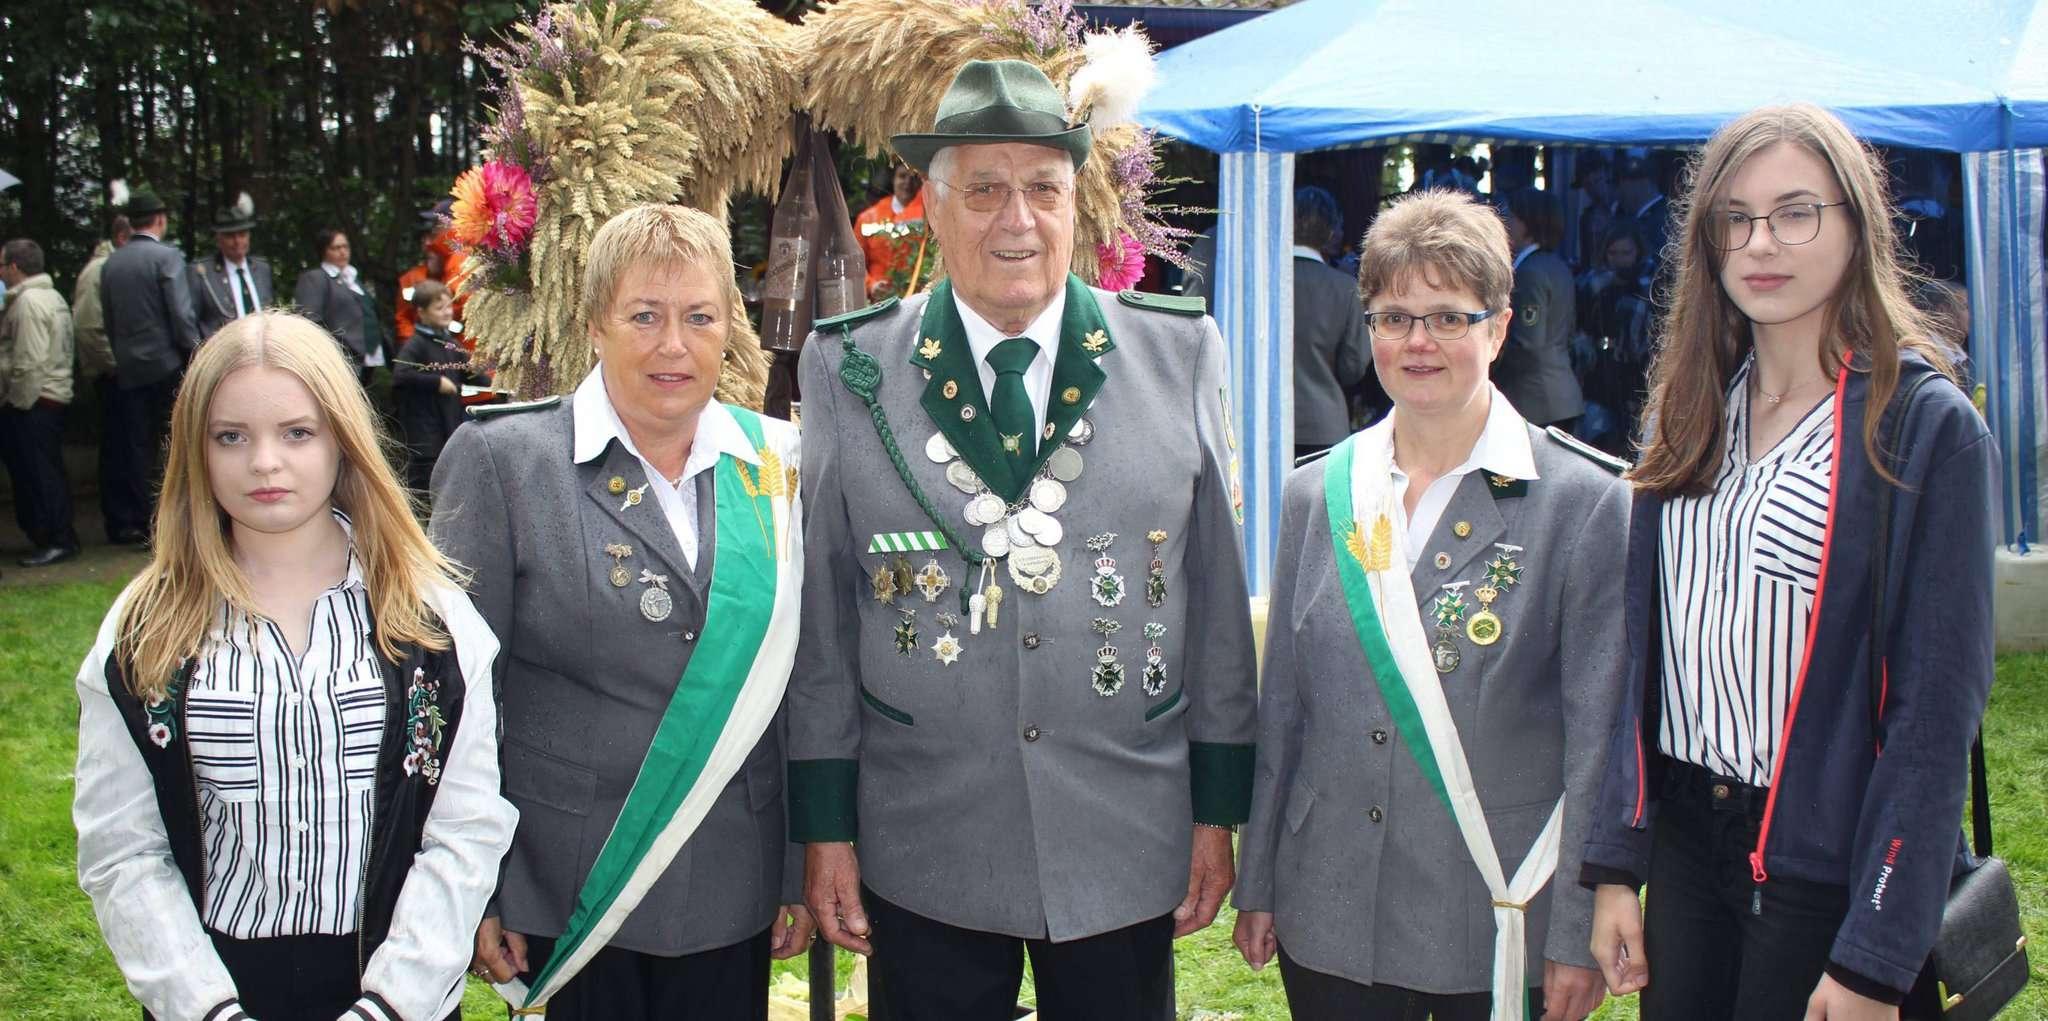 Der Erntemeister Klaus Peinemann, begleitet von seinen Ehrendamen und flankiert von Mädchen aus der Dorfjugend.